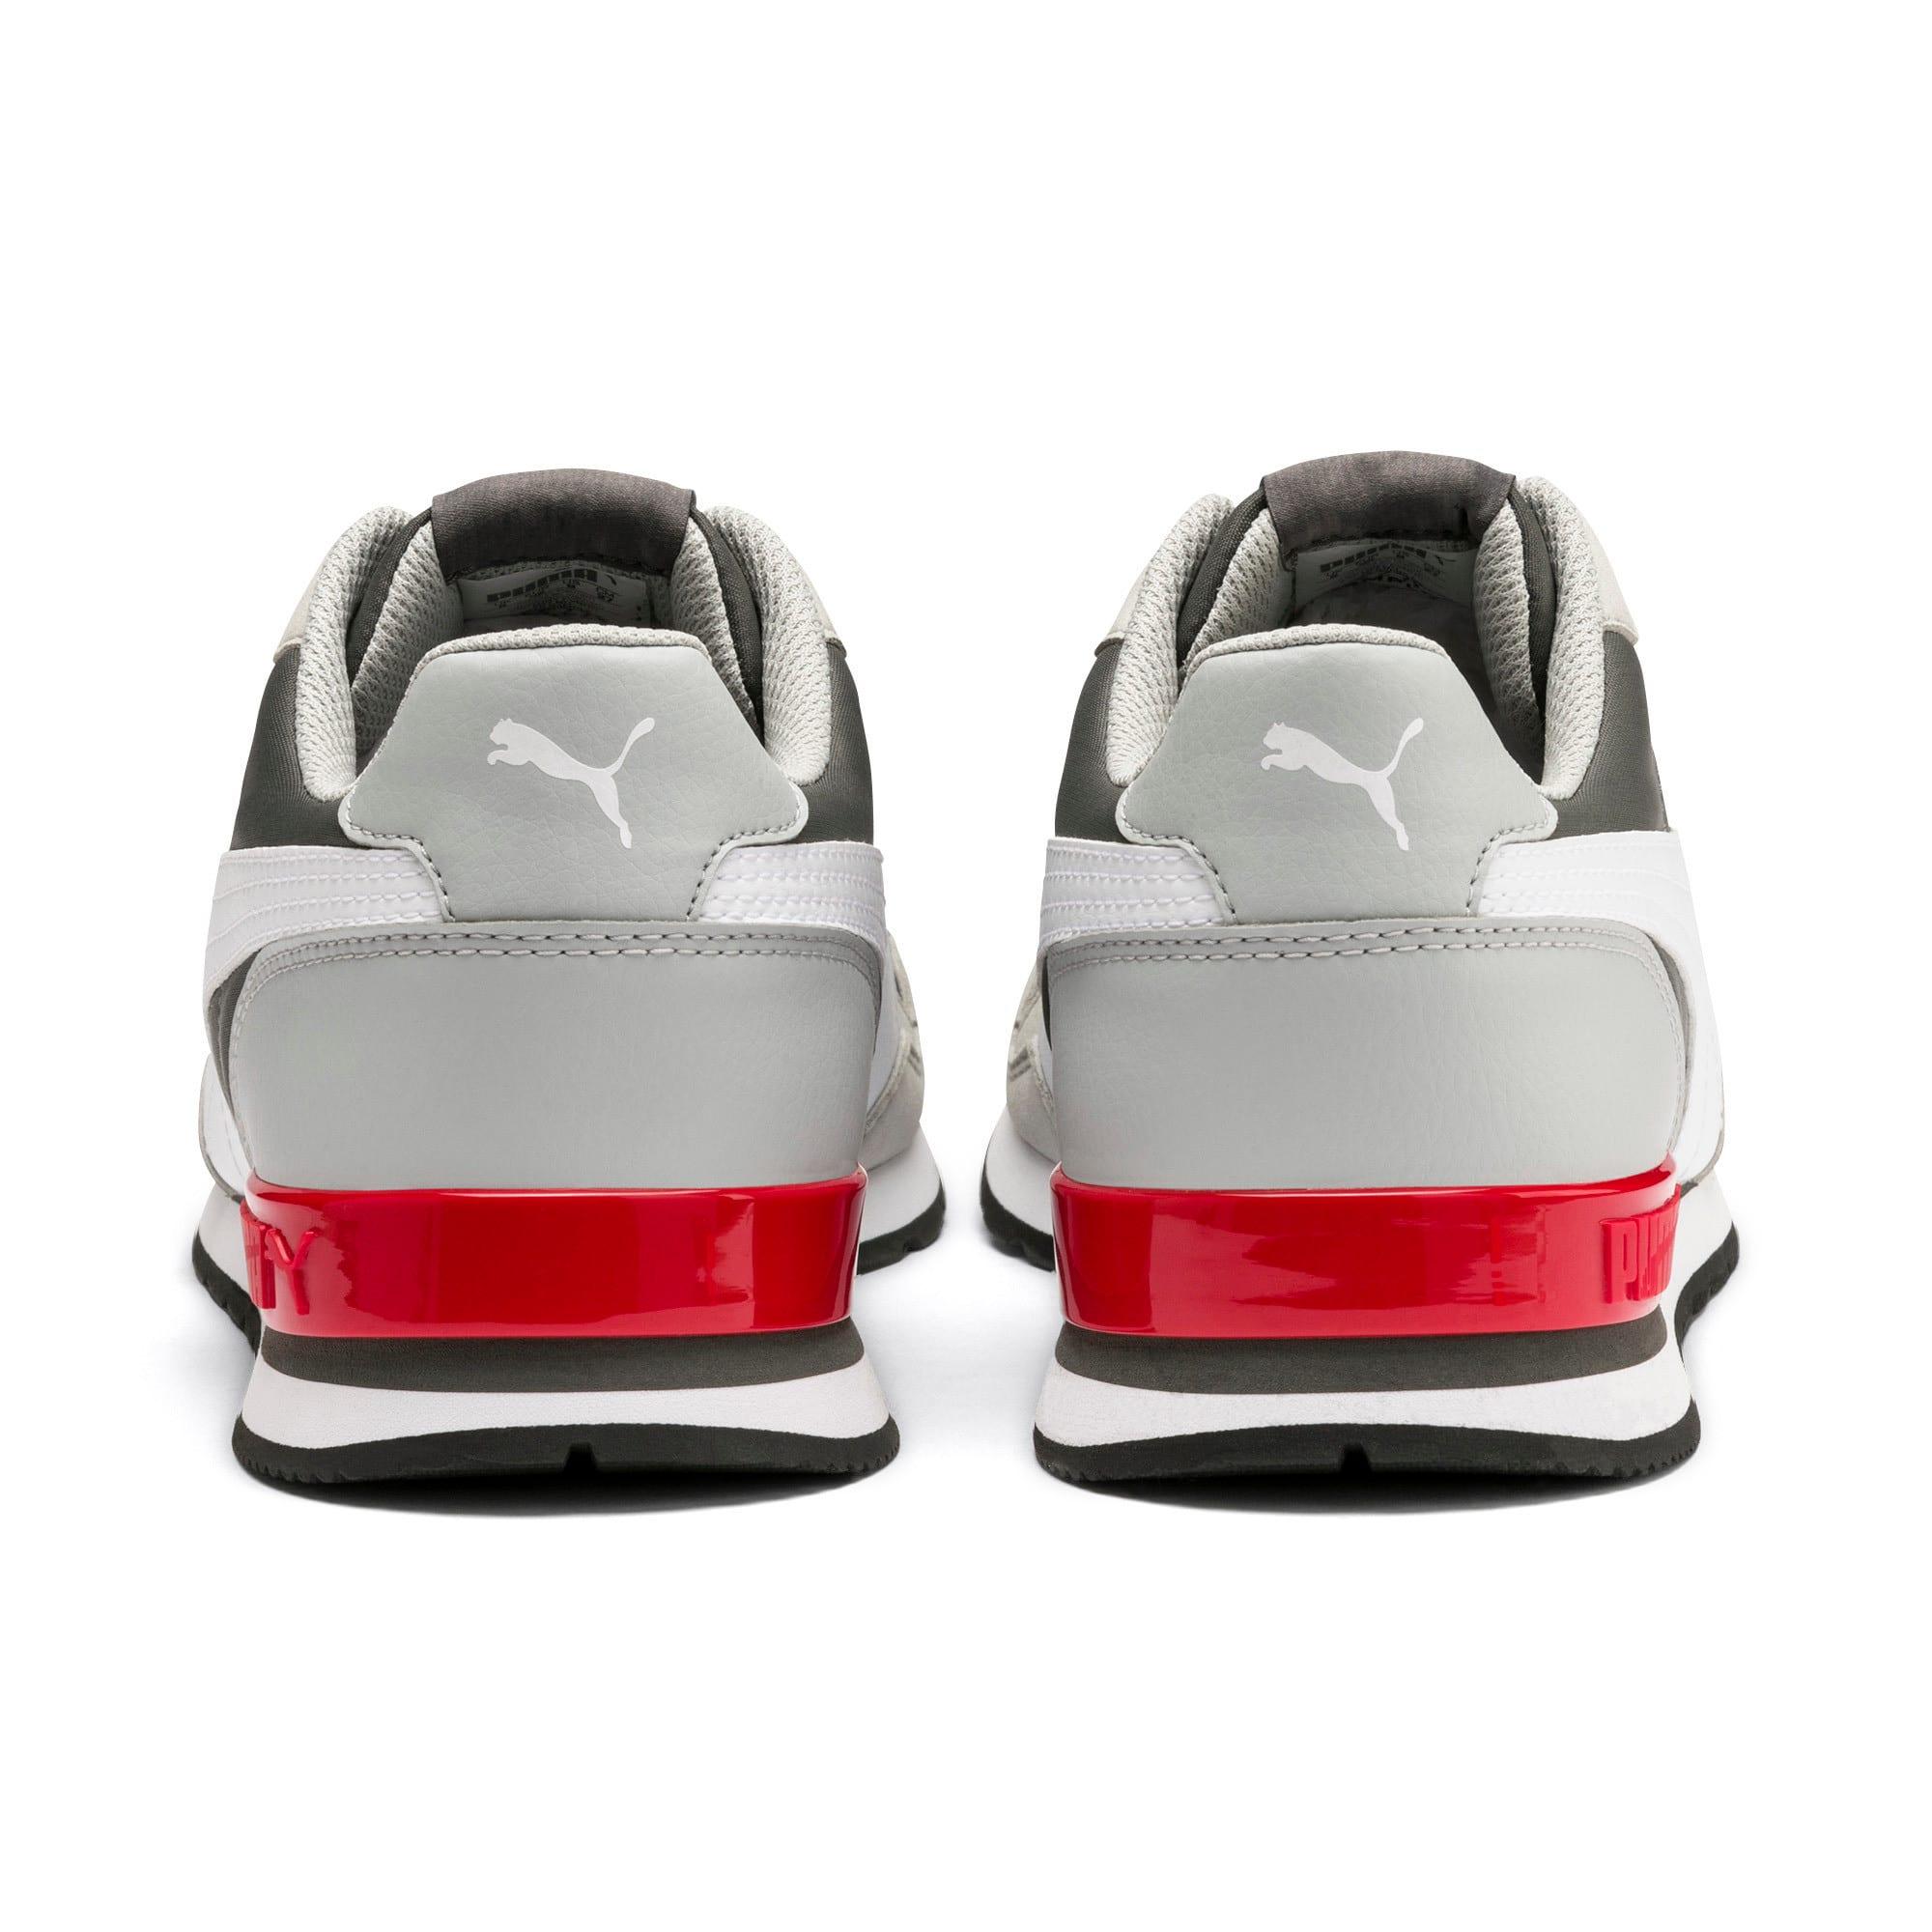 Thumbnail 4 of ST Runner v2 Sneakers, CASTLEROCK-High Rise, medium